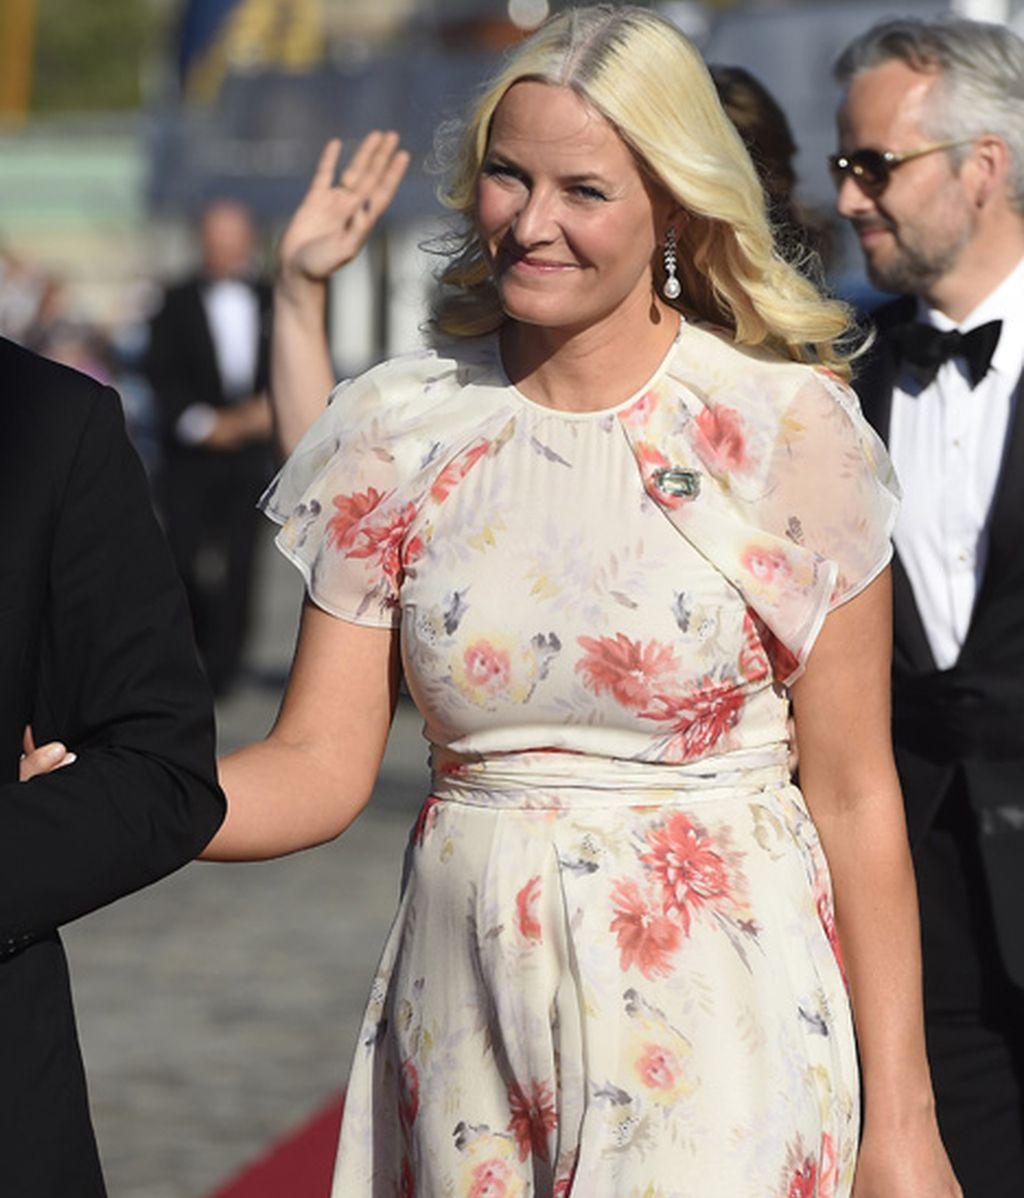 Mette Marit de Noruega acudió sin su marido, el príncipe Haakon